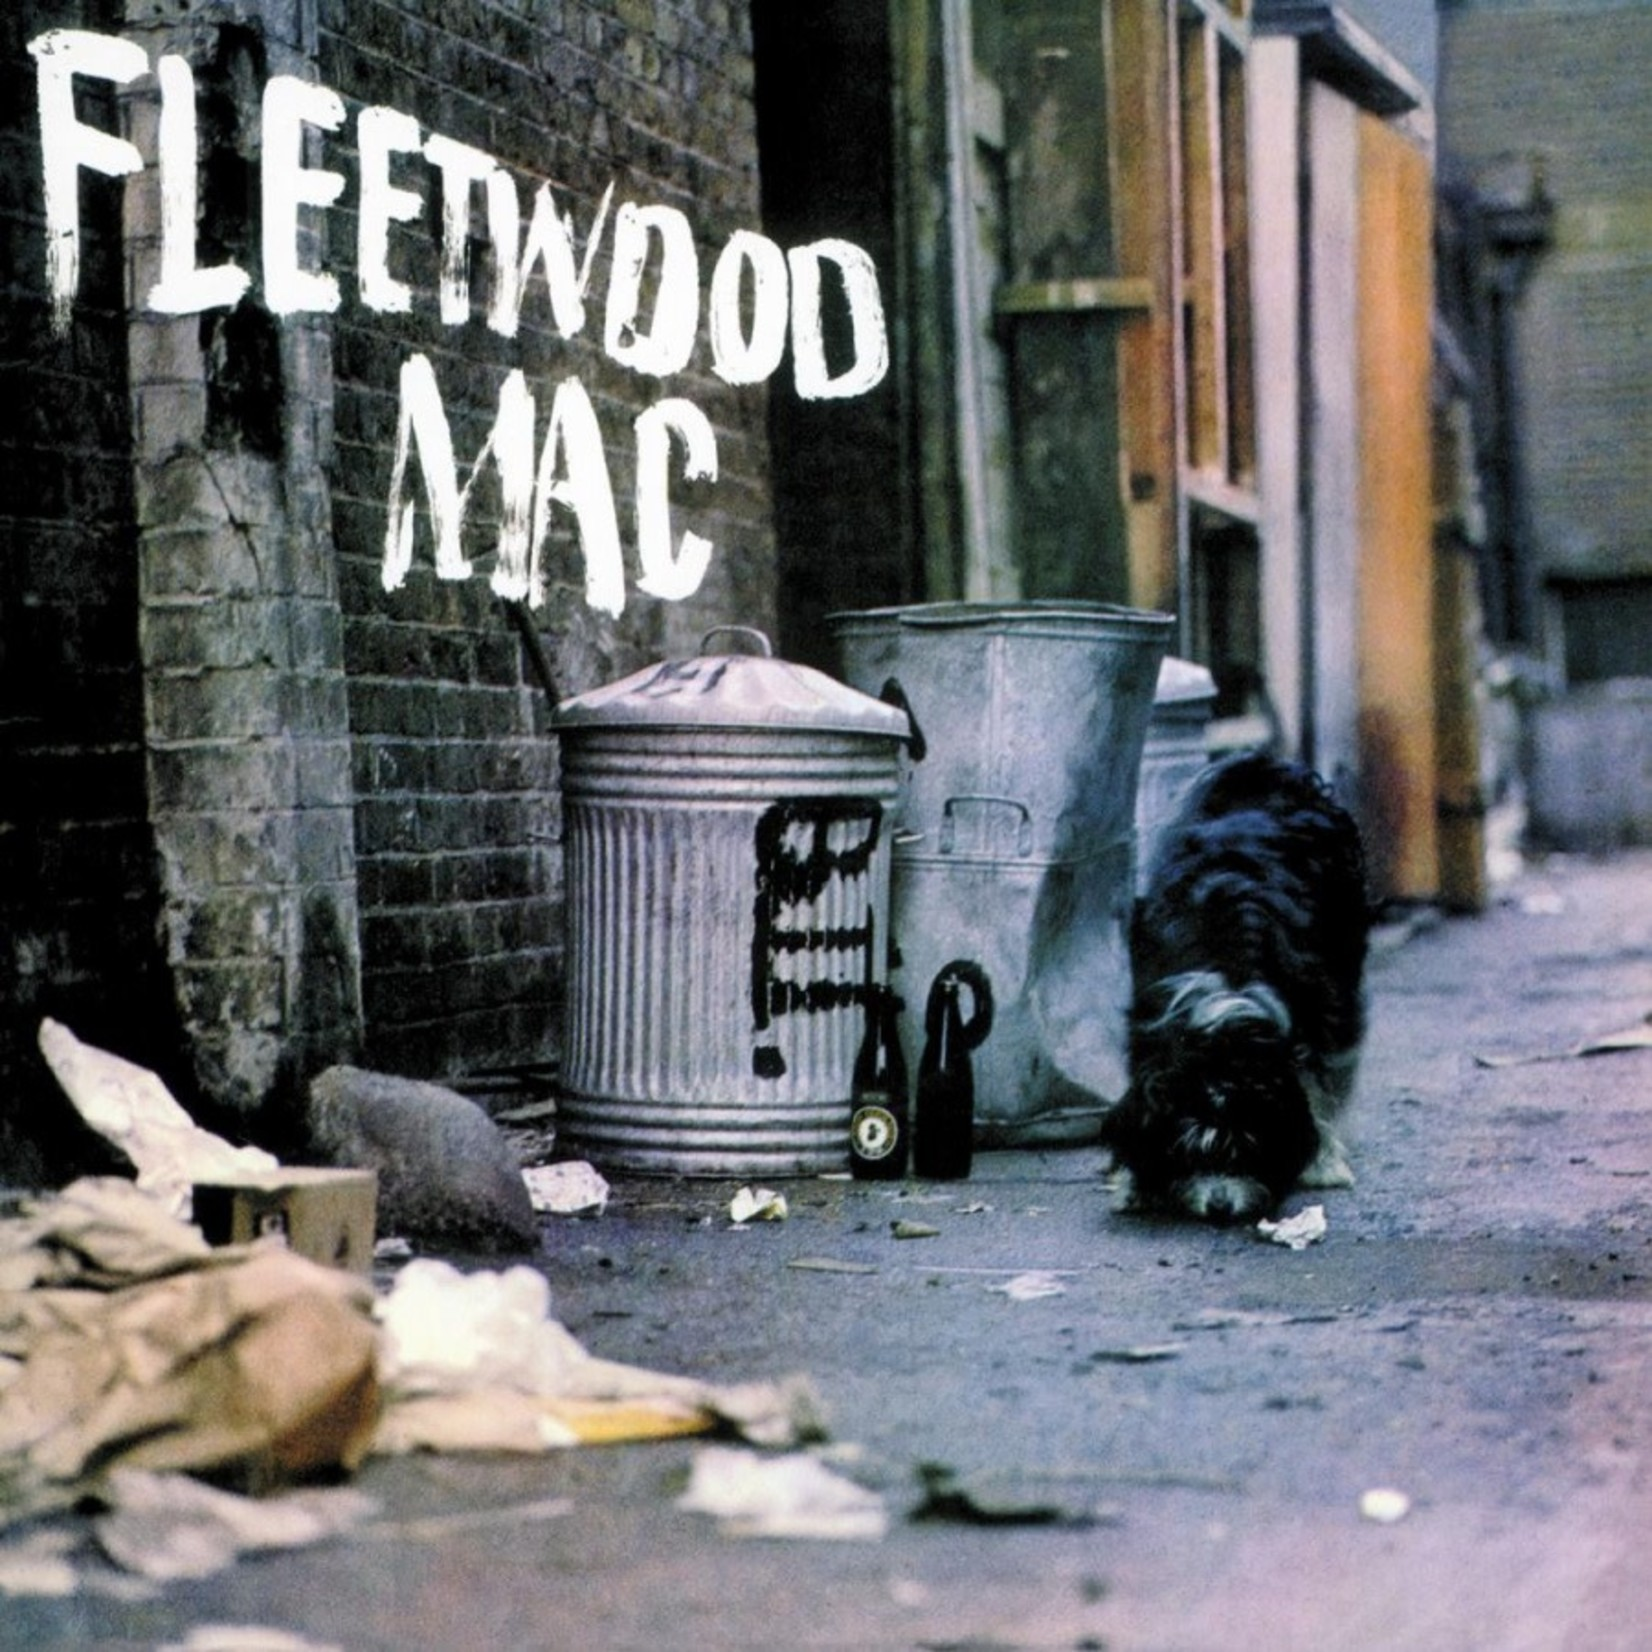 [New] Fleetwood Mac: Peter Green's Fleetwood Mac